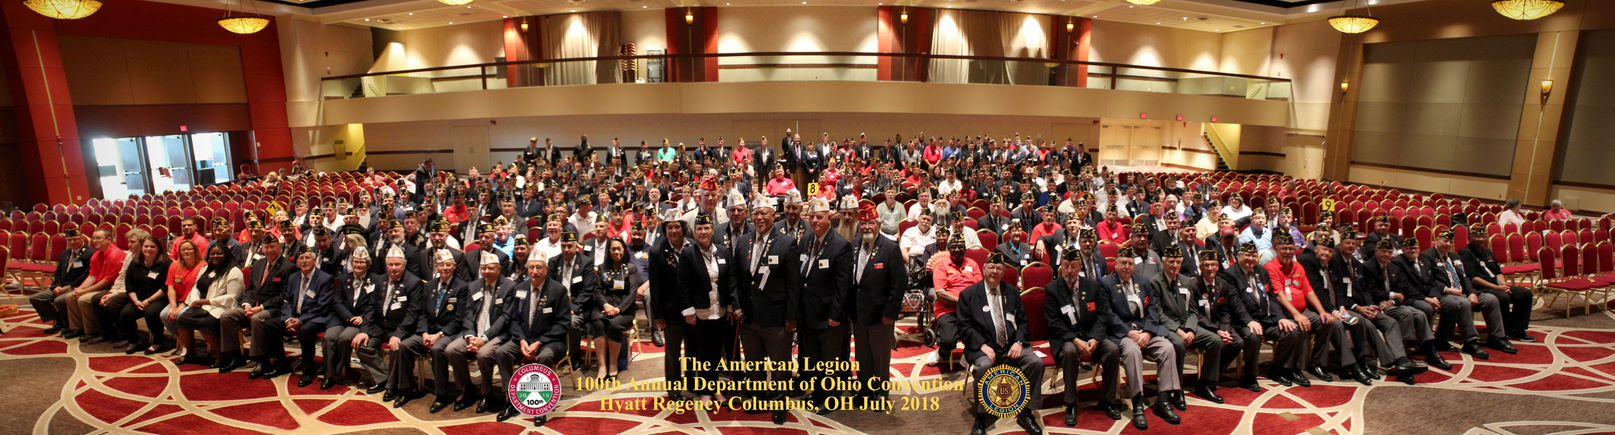 the american legion department of ohio